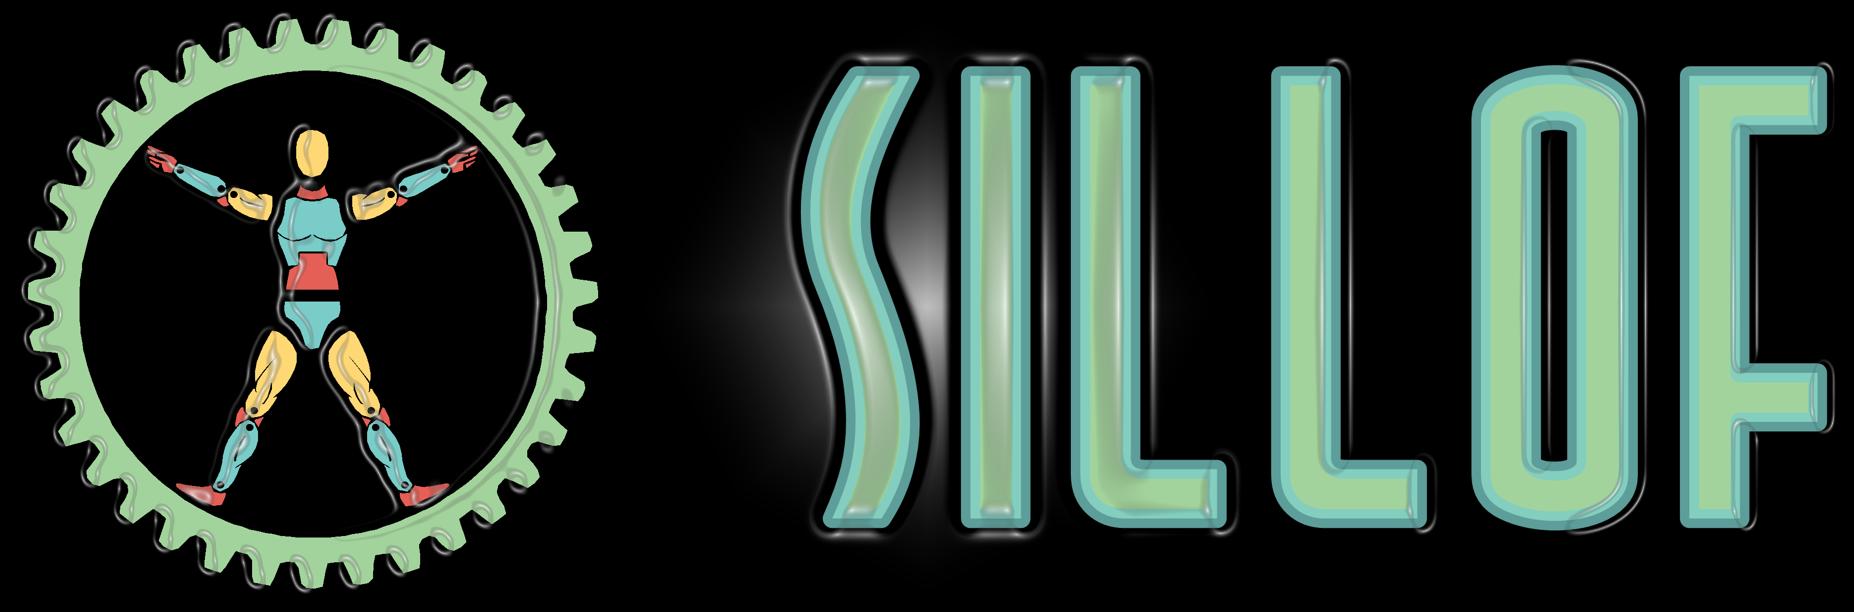 Sillof